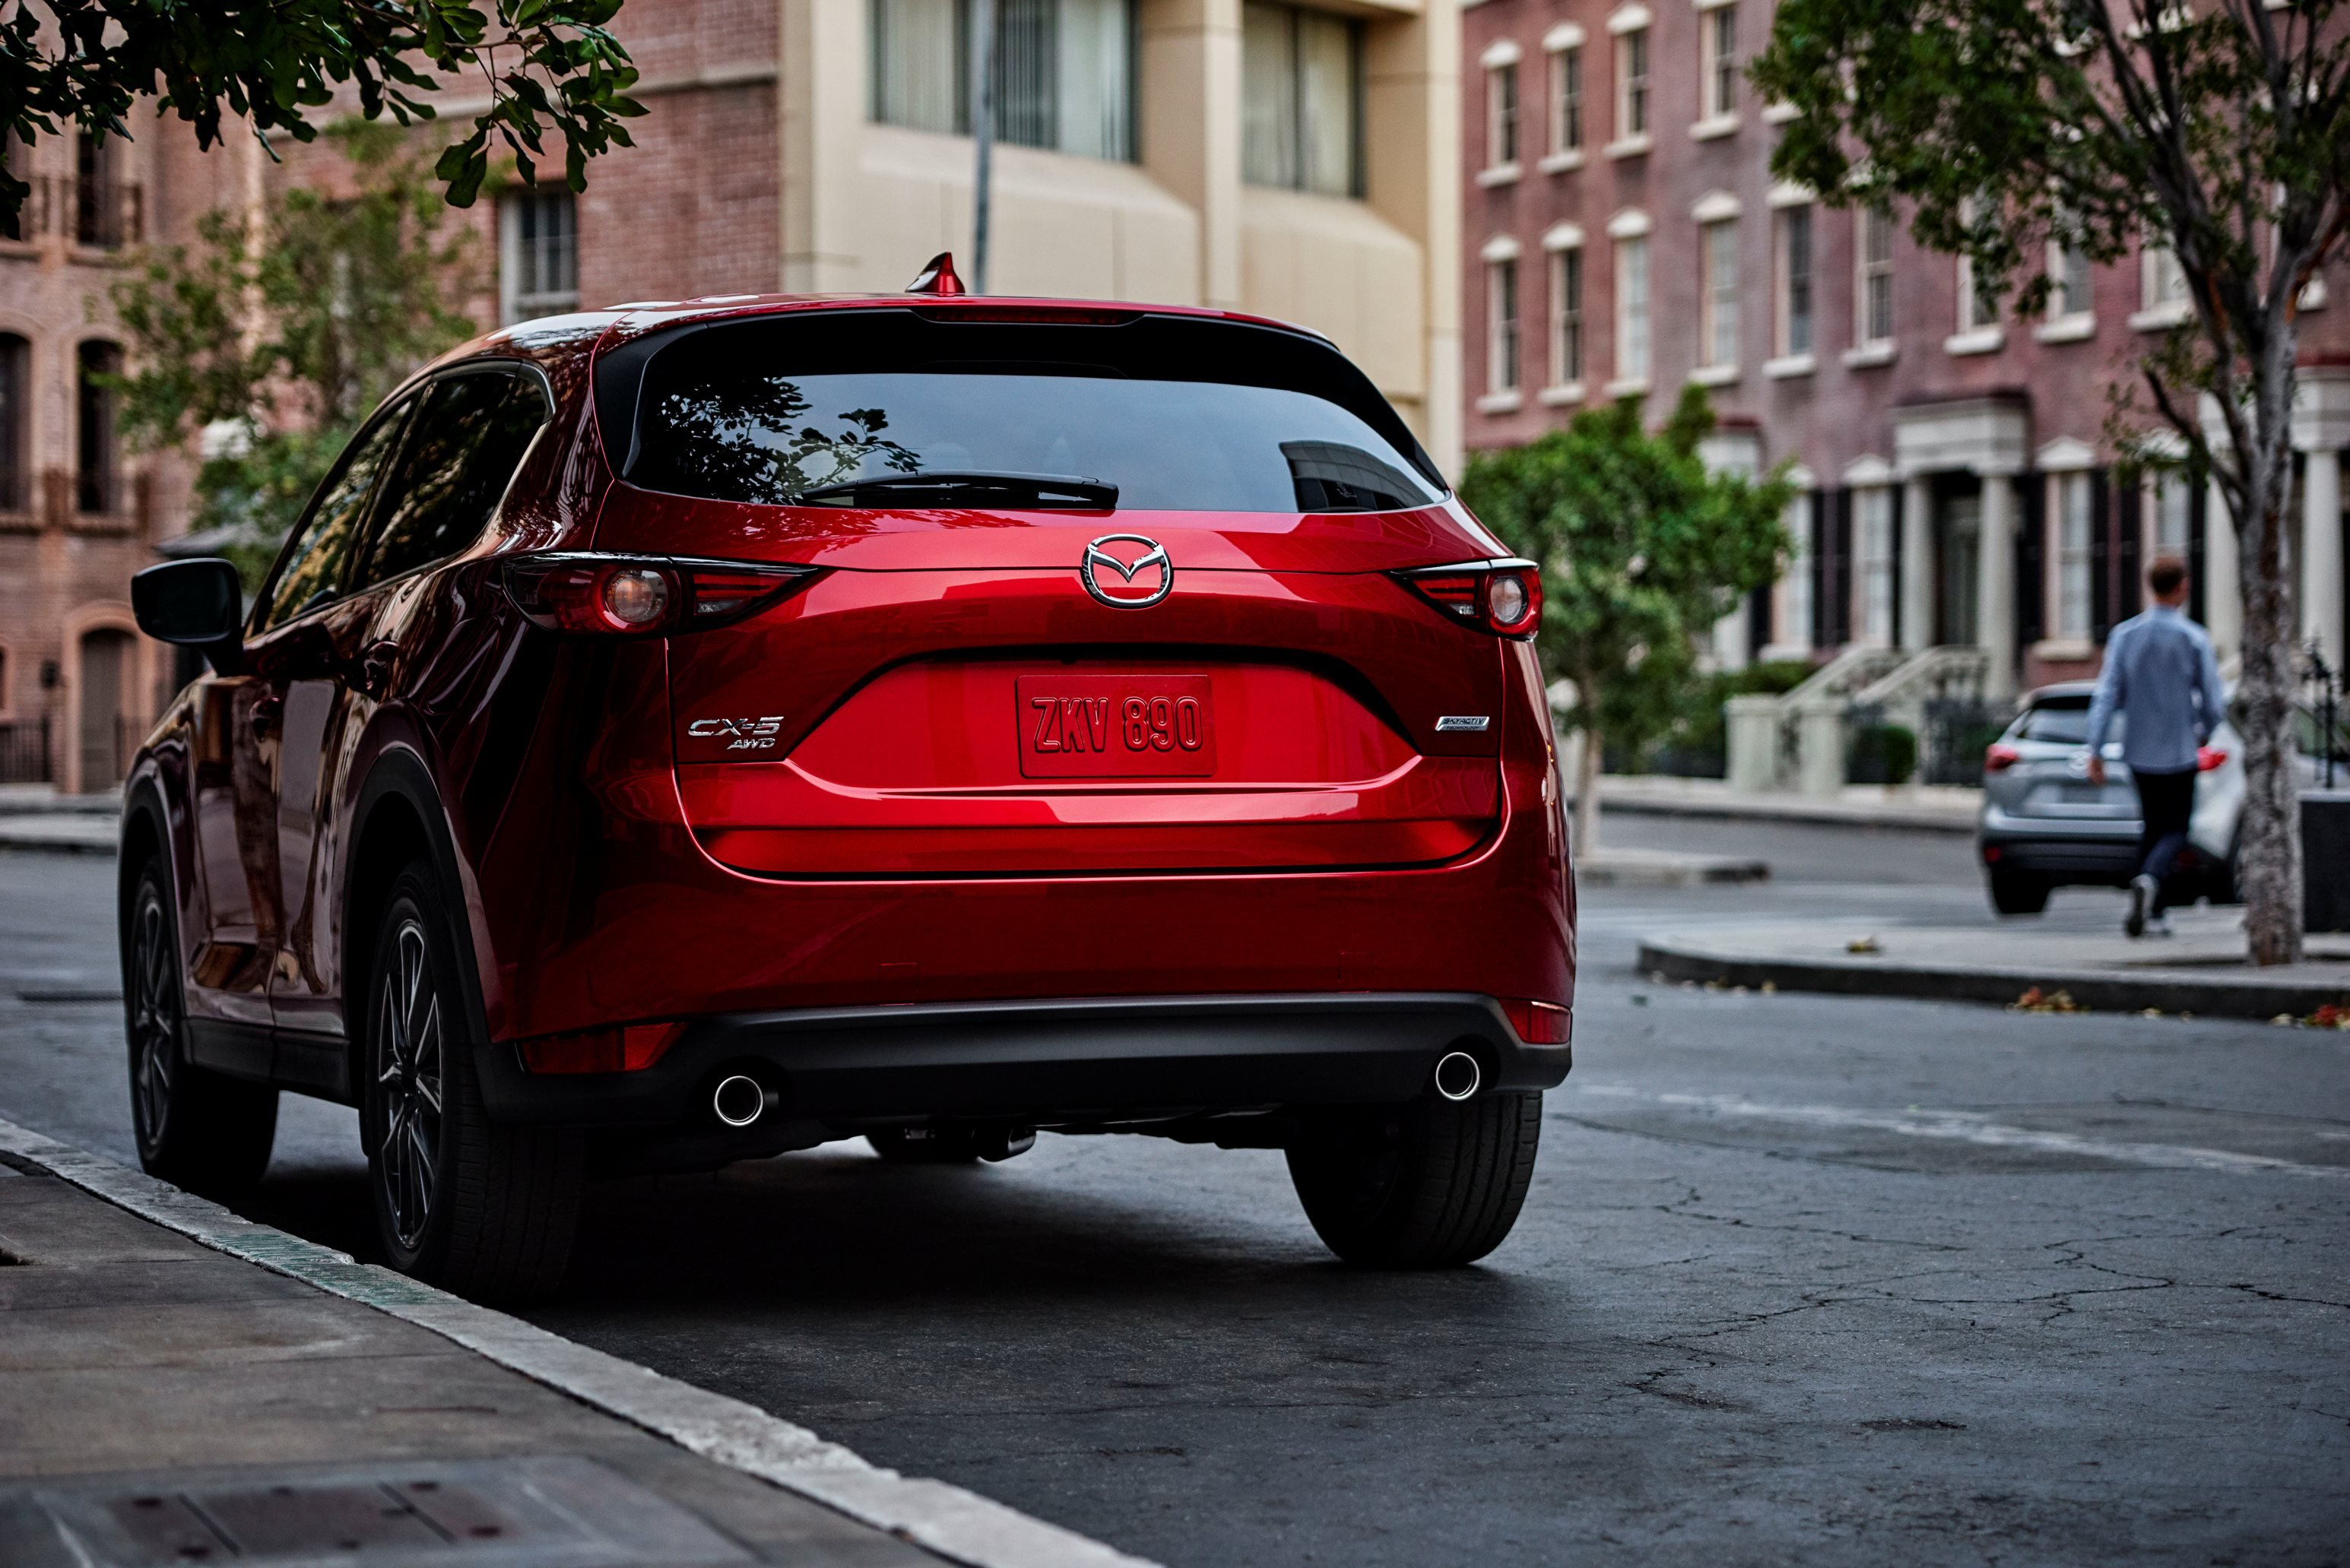 Nuova CX-5, Mazda presenta la seconda serie della sua bestseller in Europa